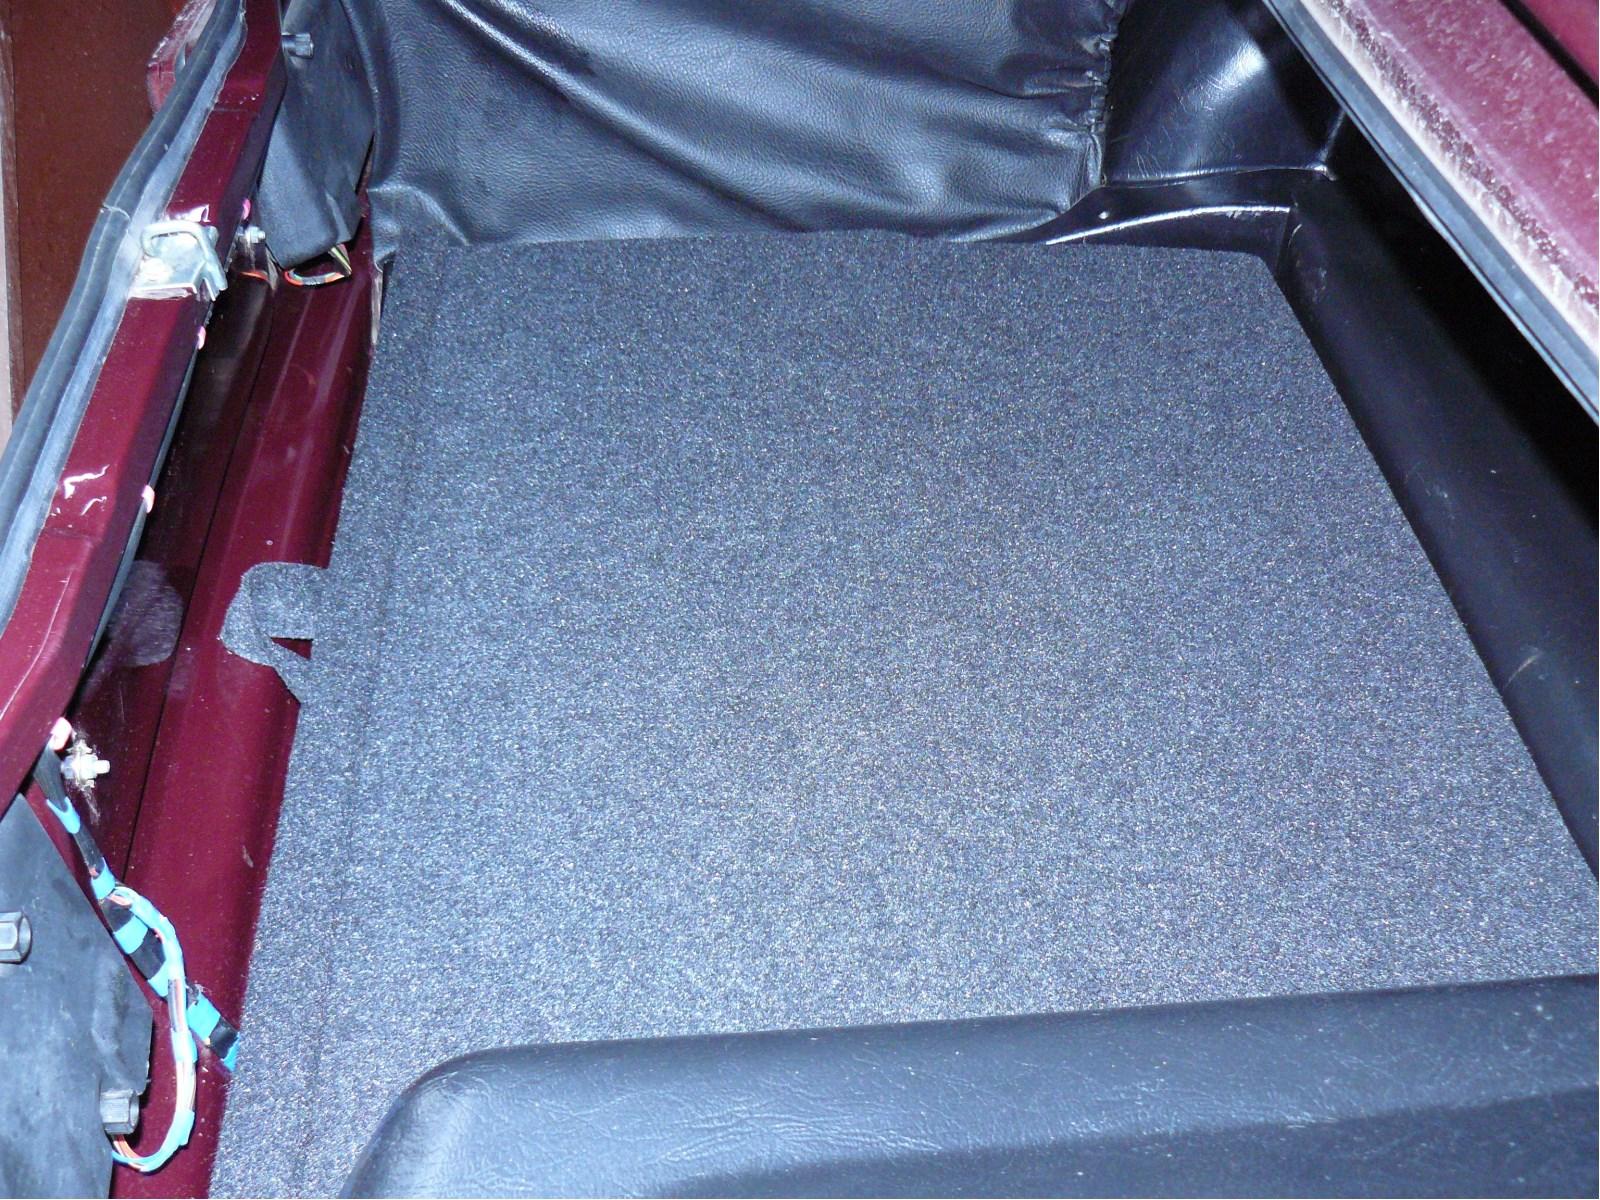 Ваз 2107 тюнинг фото багажник - Как сшить костюм Снегурочки выкройка - Шьем новогодние костюмы